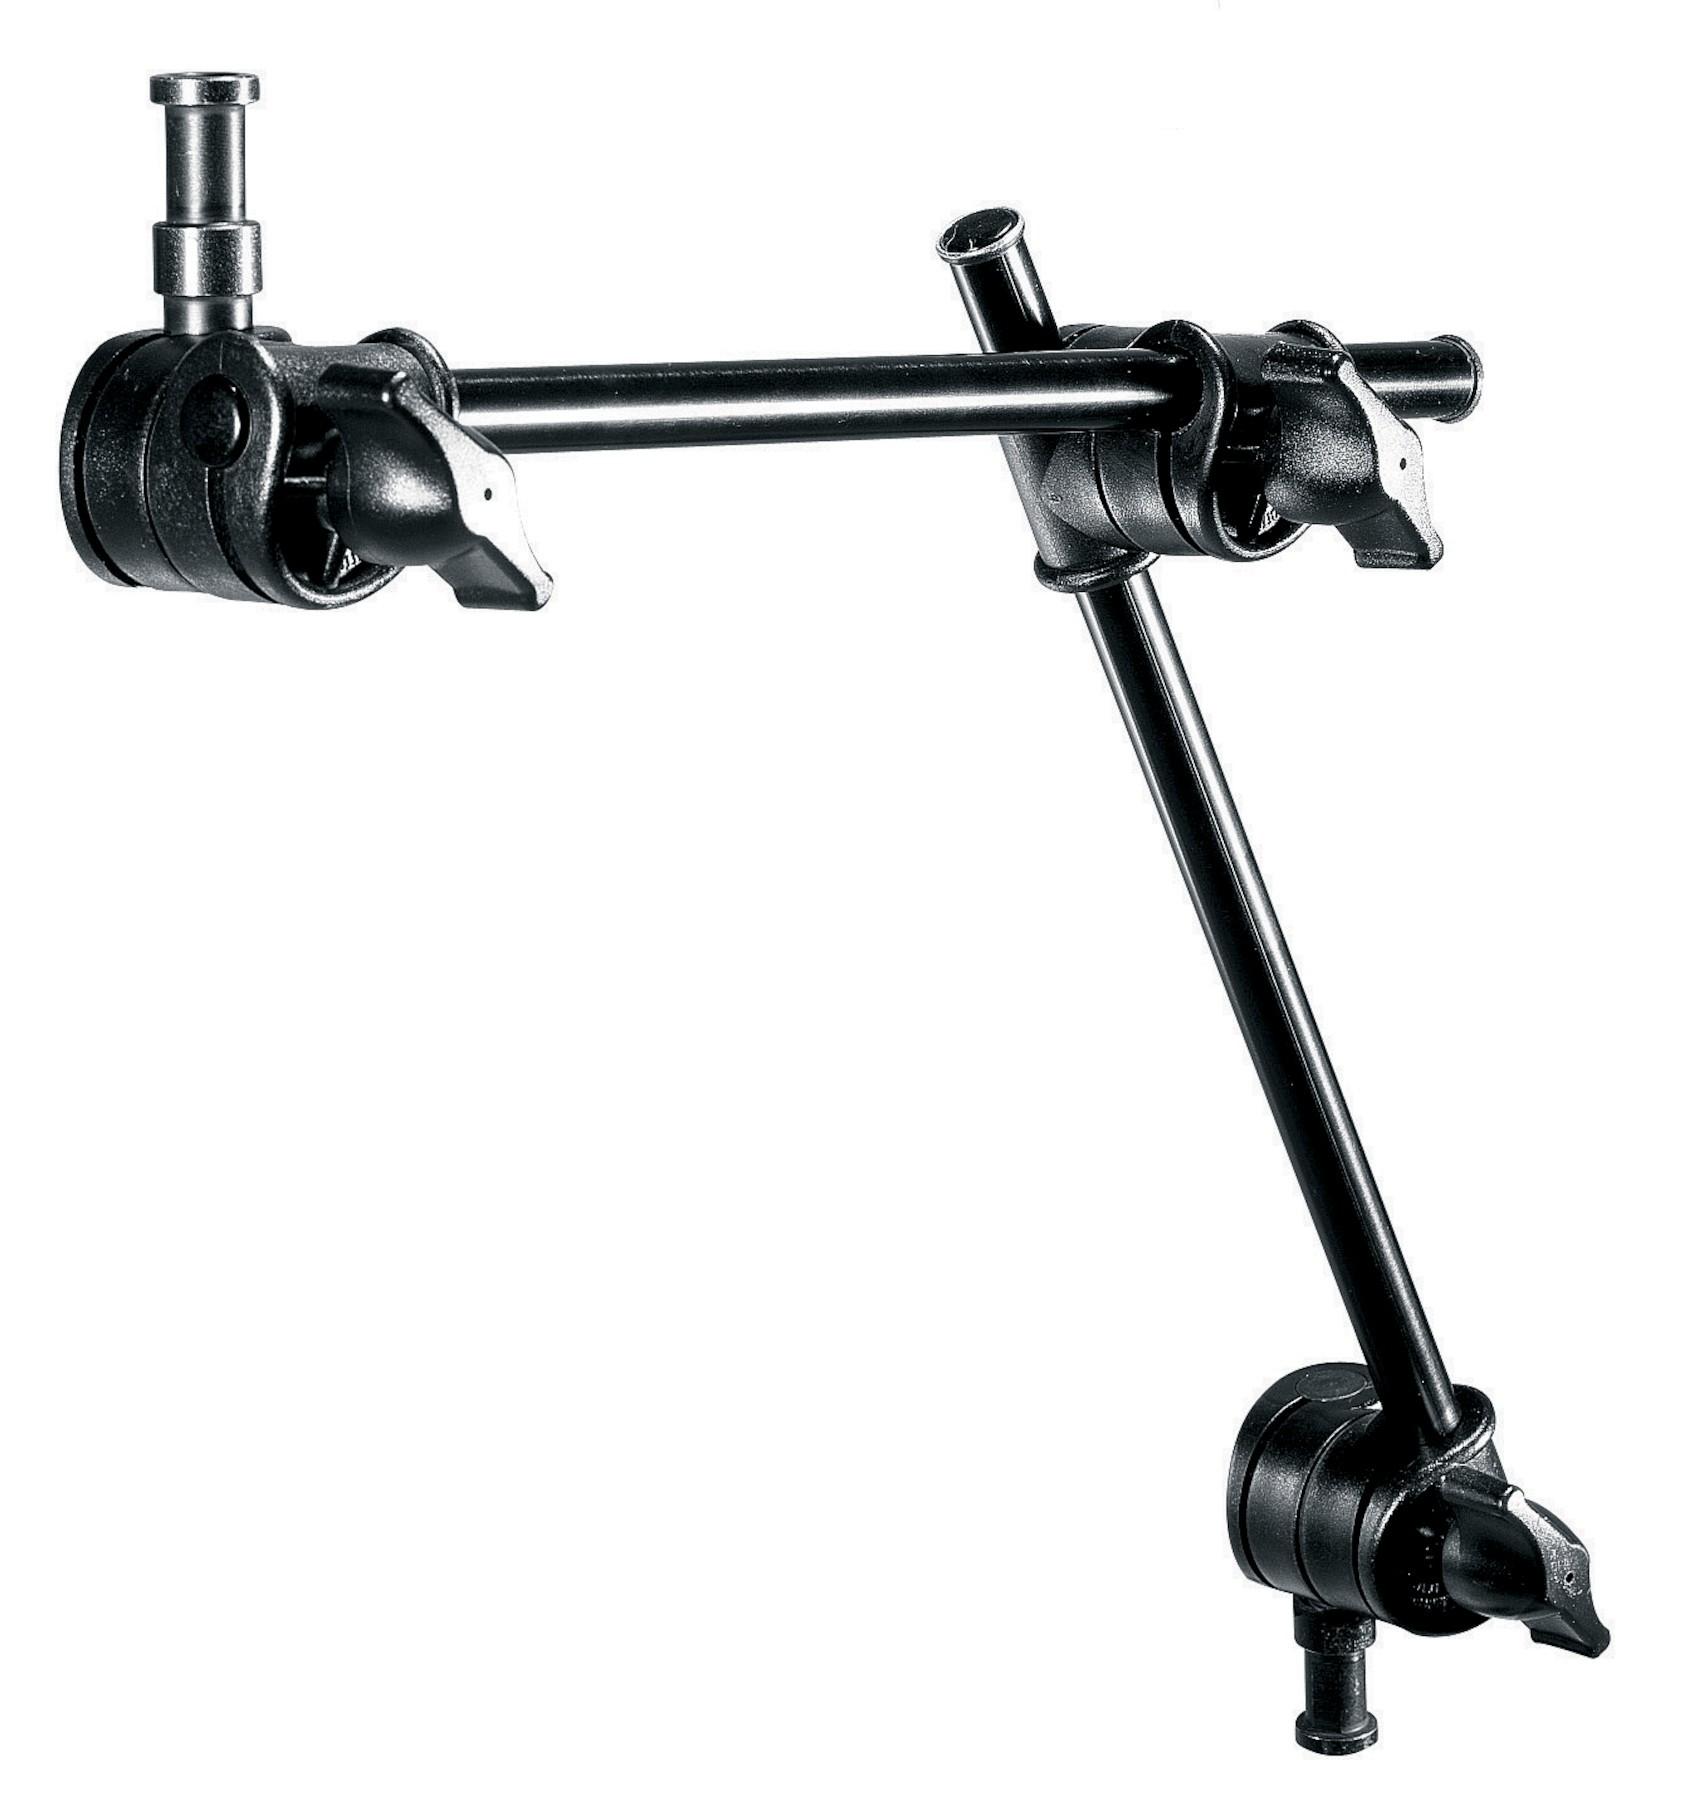 Manfrotto 196AB-2 - Mini arm / ramię pojedyncze 2-sekcyjne Manfrotto 196AB-2 - Mini arm / ramię pojedyncze 2-sekcyjne